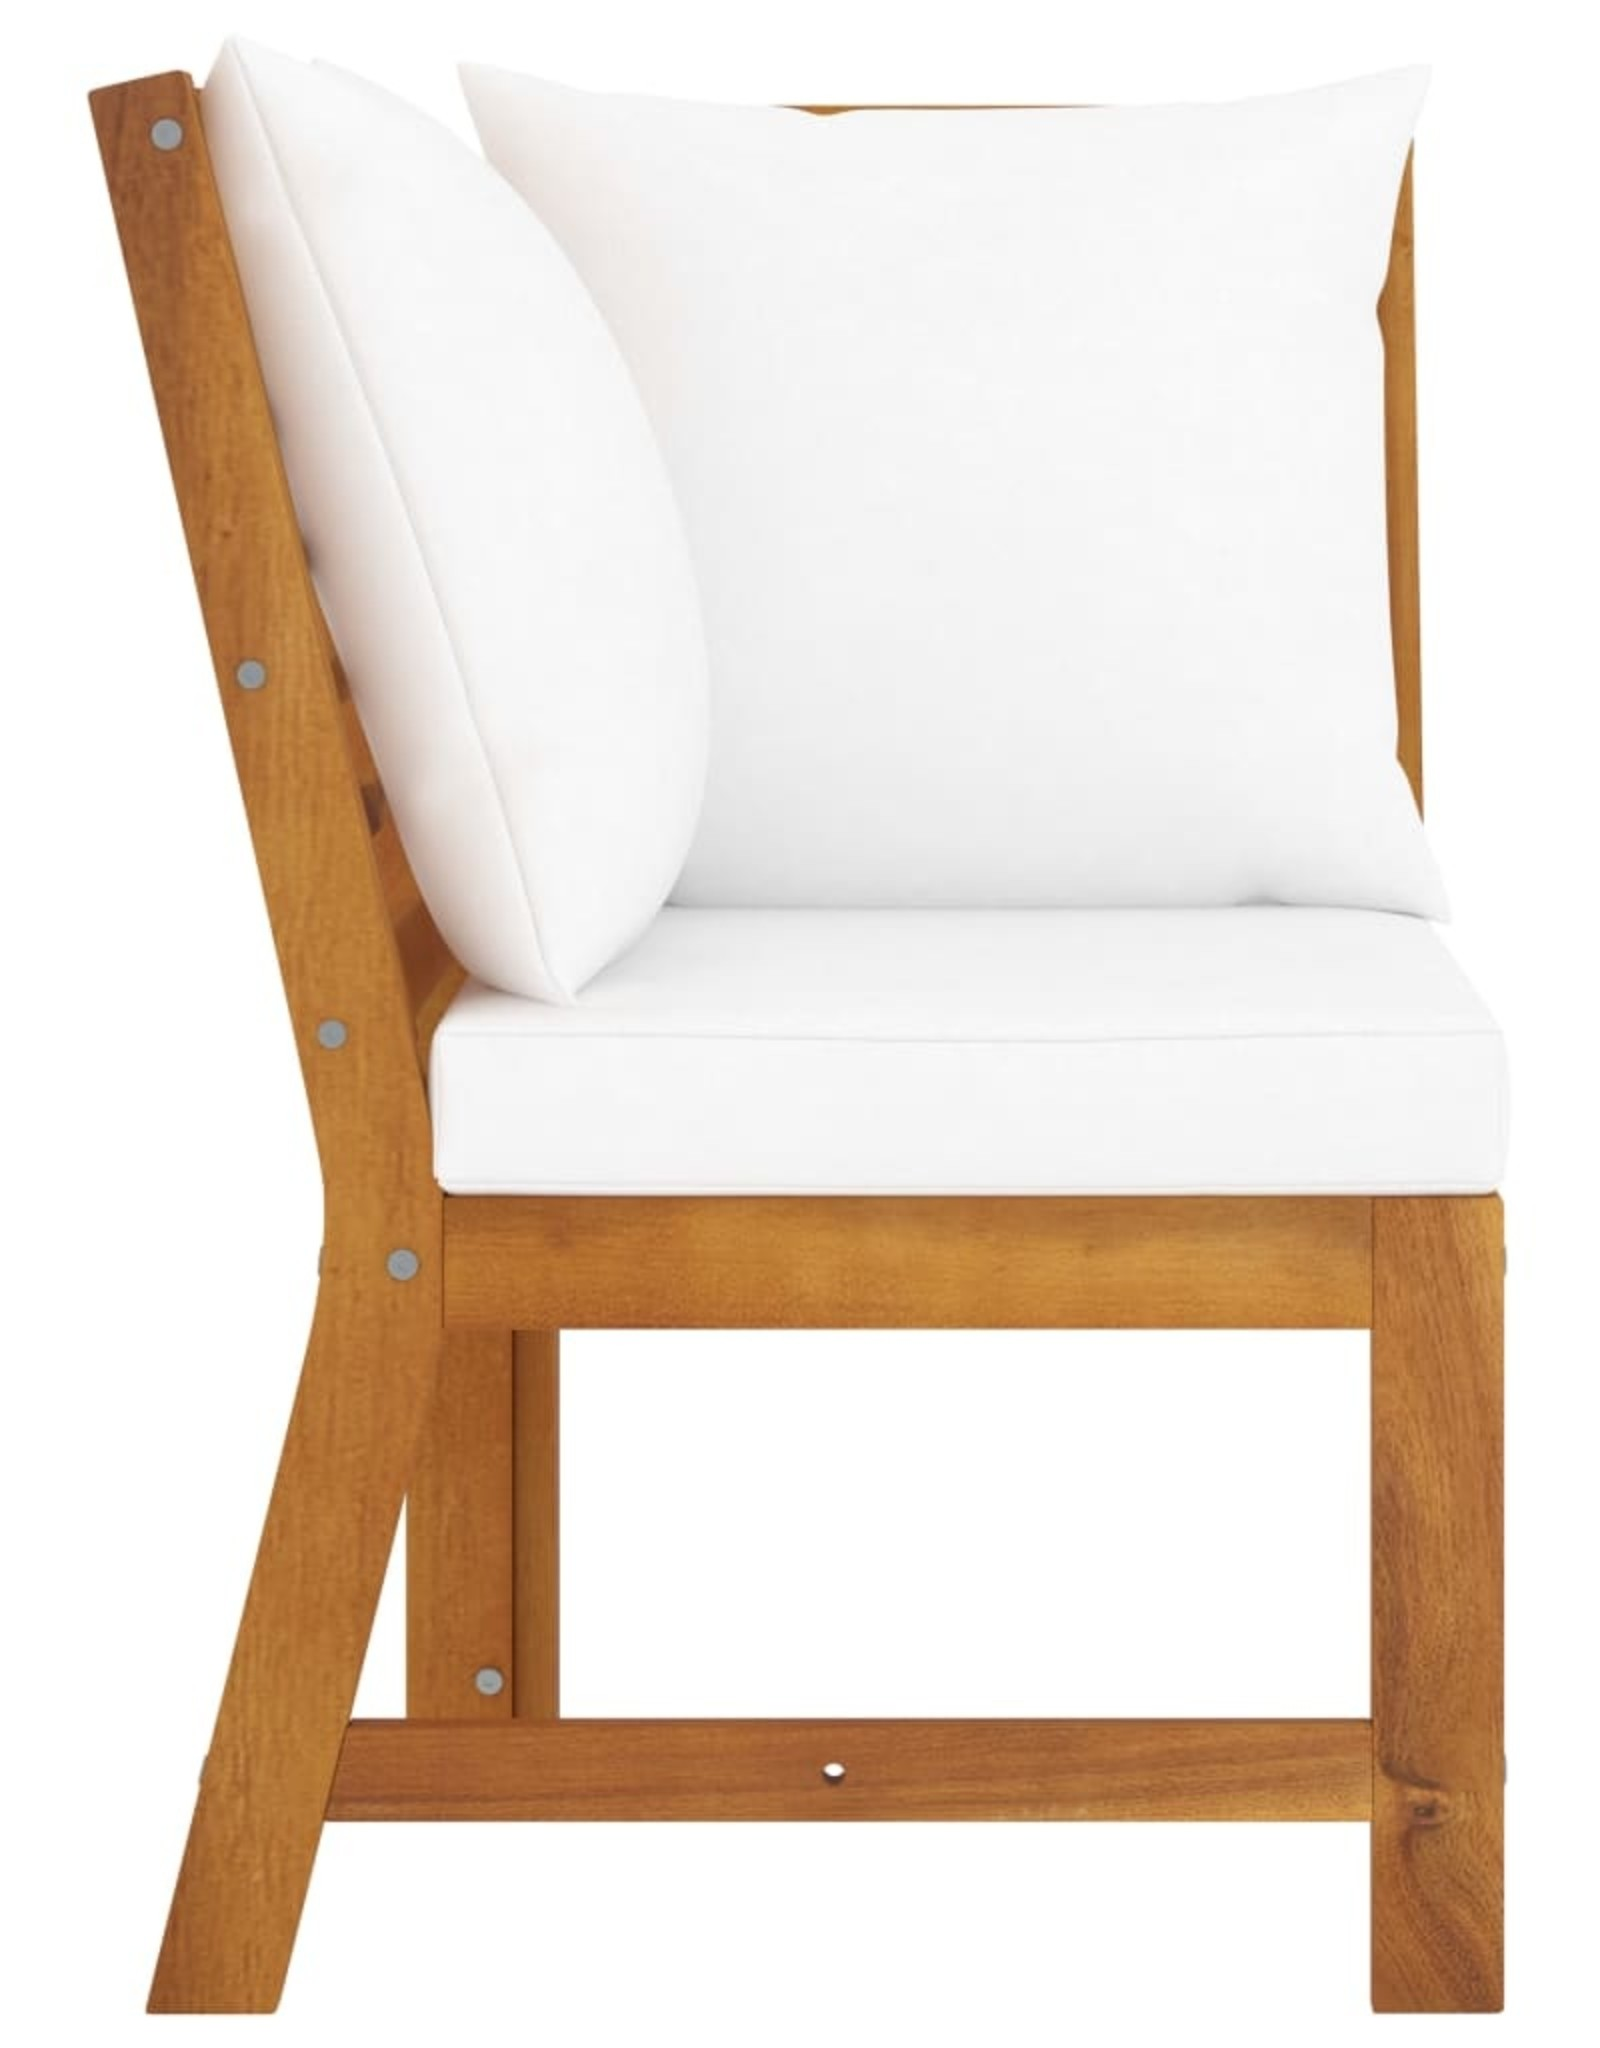 3-delige Loungeset met crèmekleurige kussens massief acaciahout